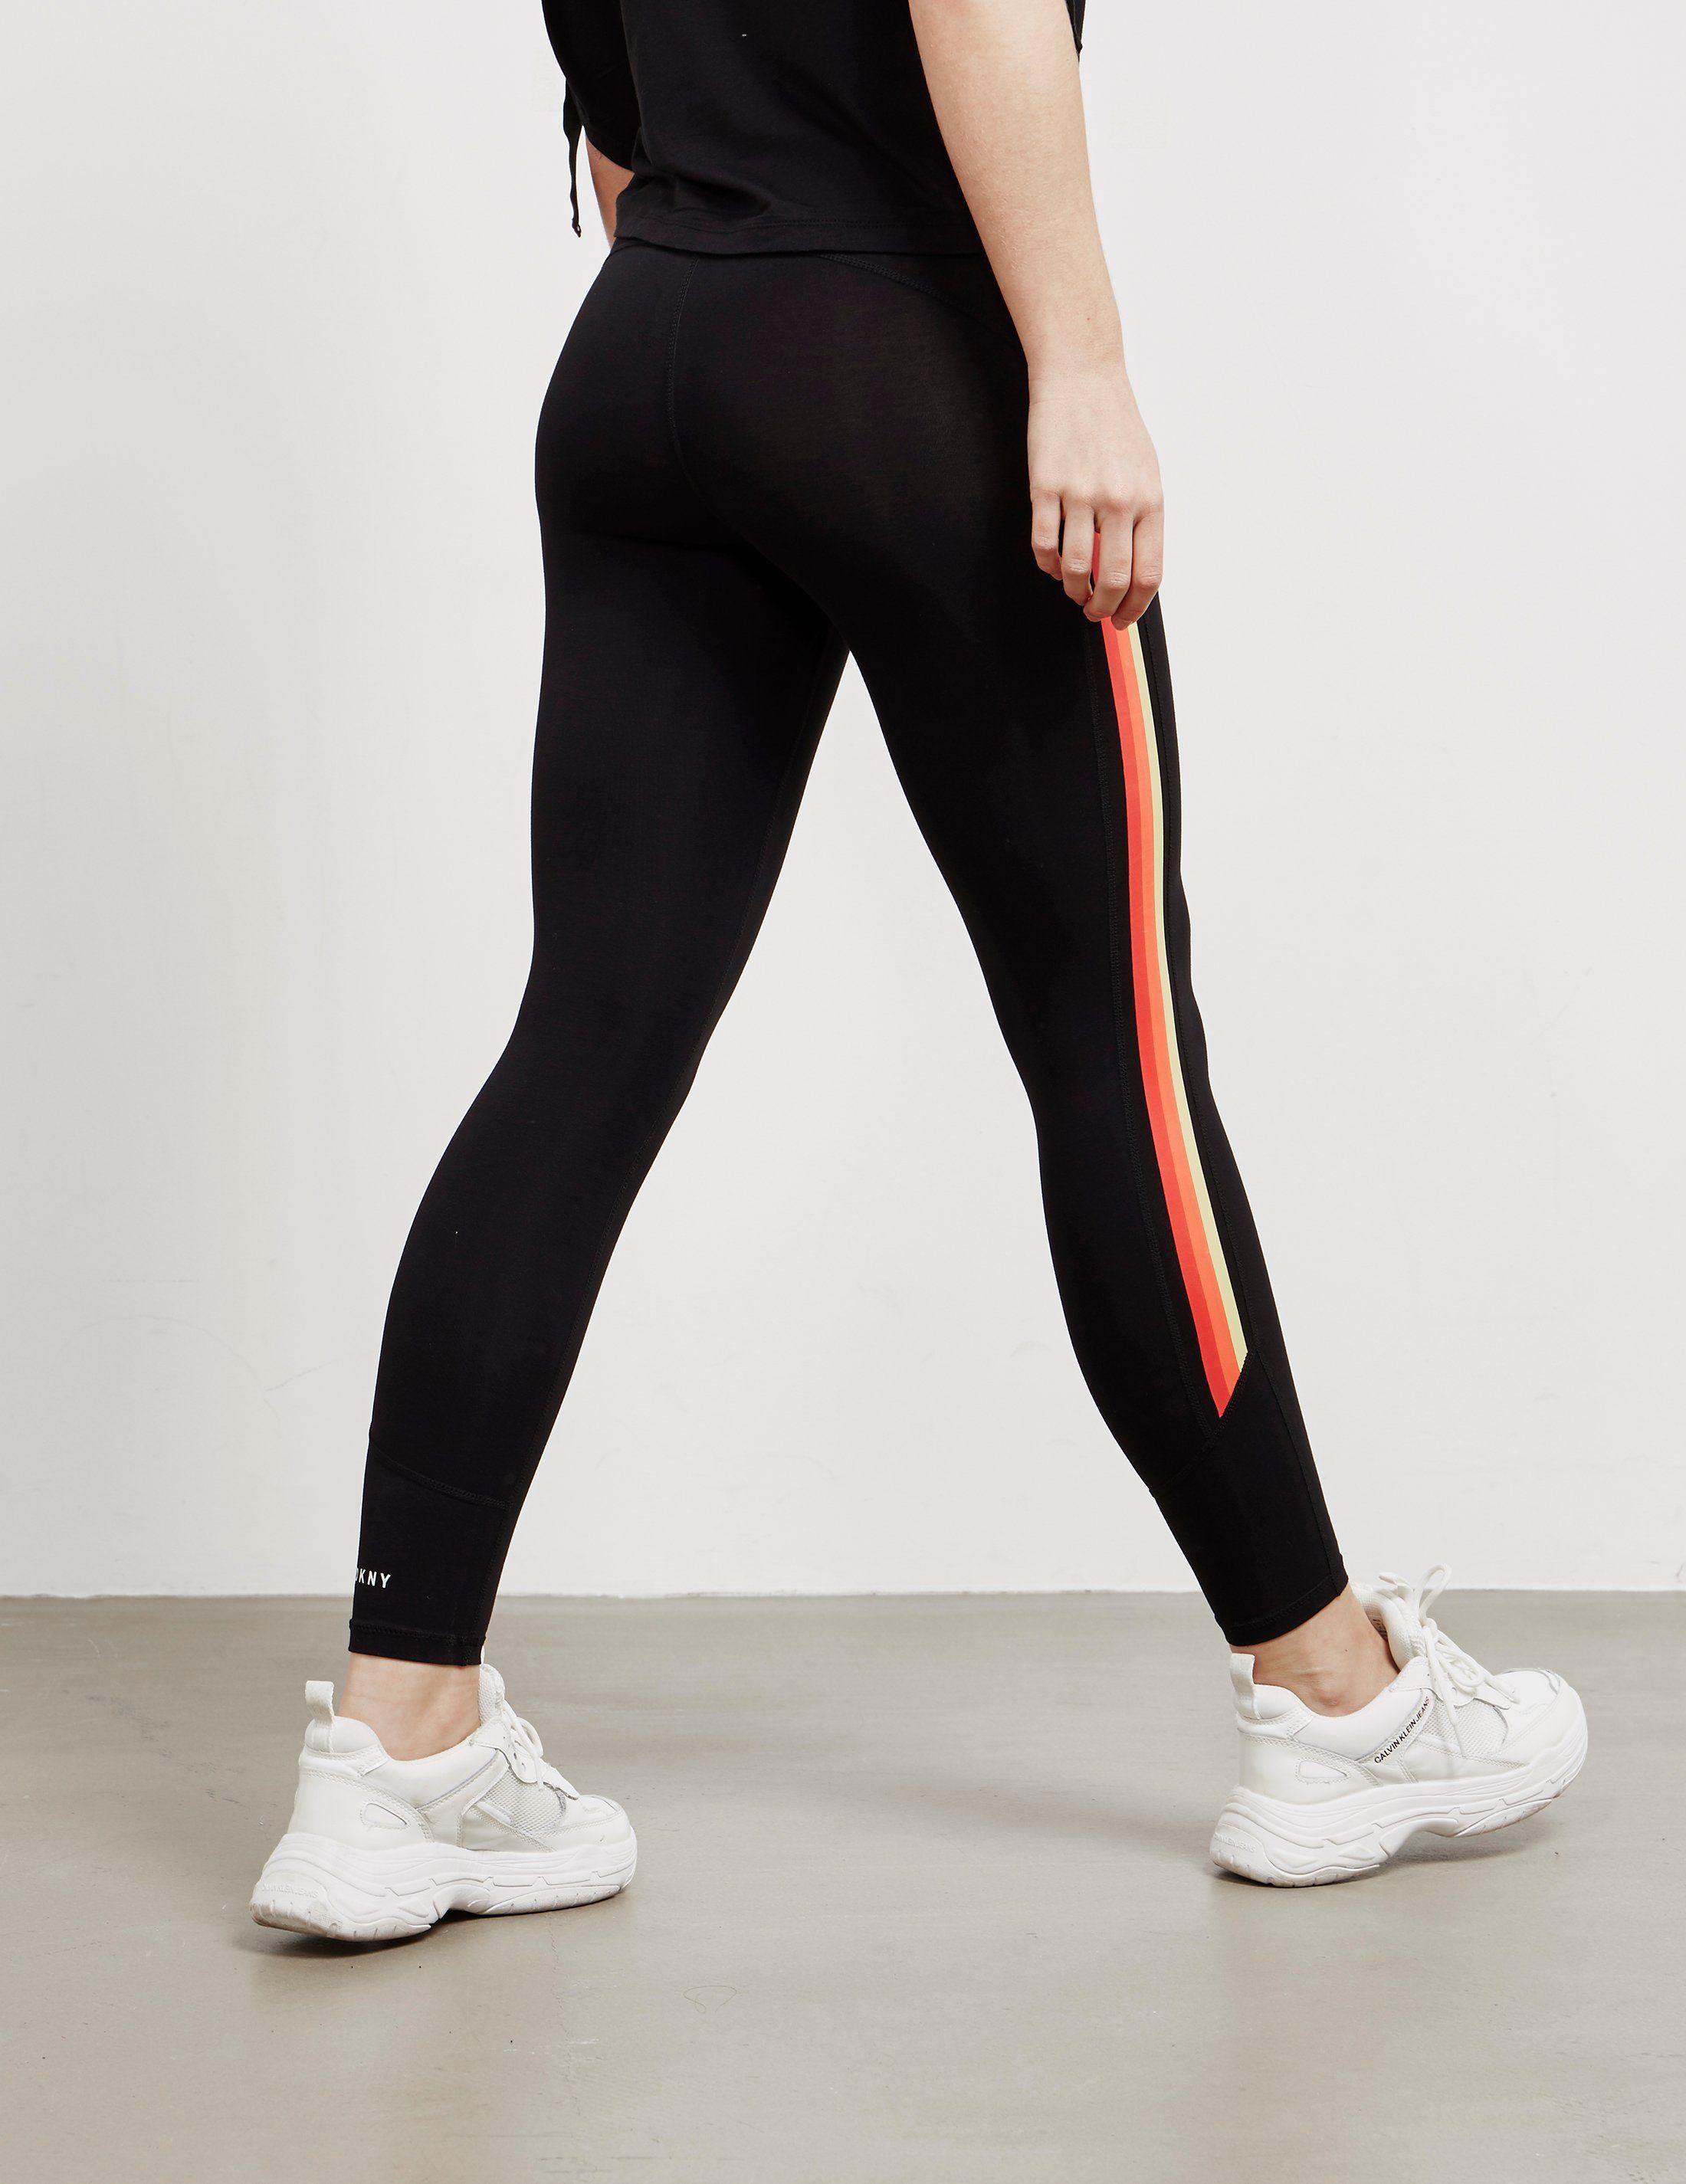 DKNY Colour Stripe Leggings